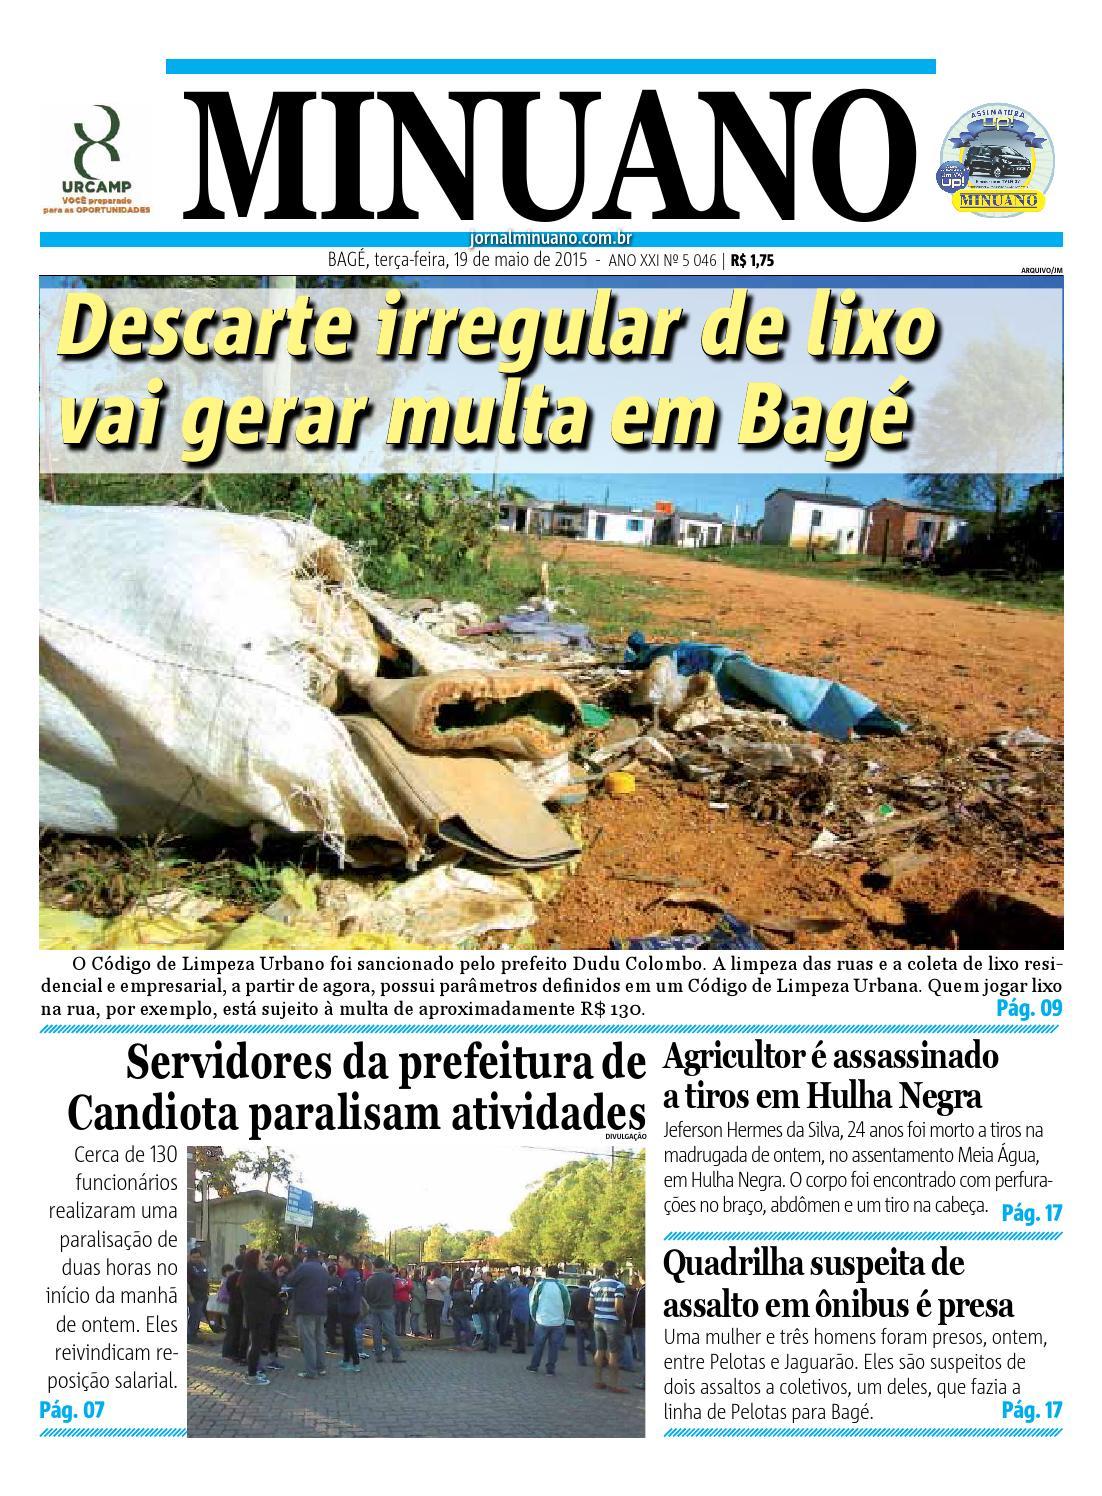 20150519 by Jornal Minuano - issuu ce859ebaeabcf